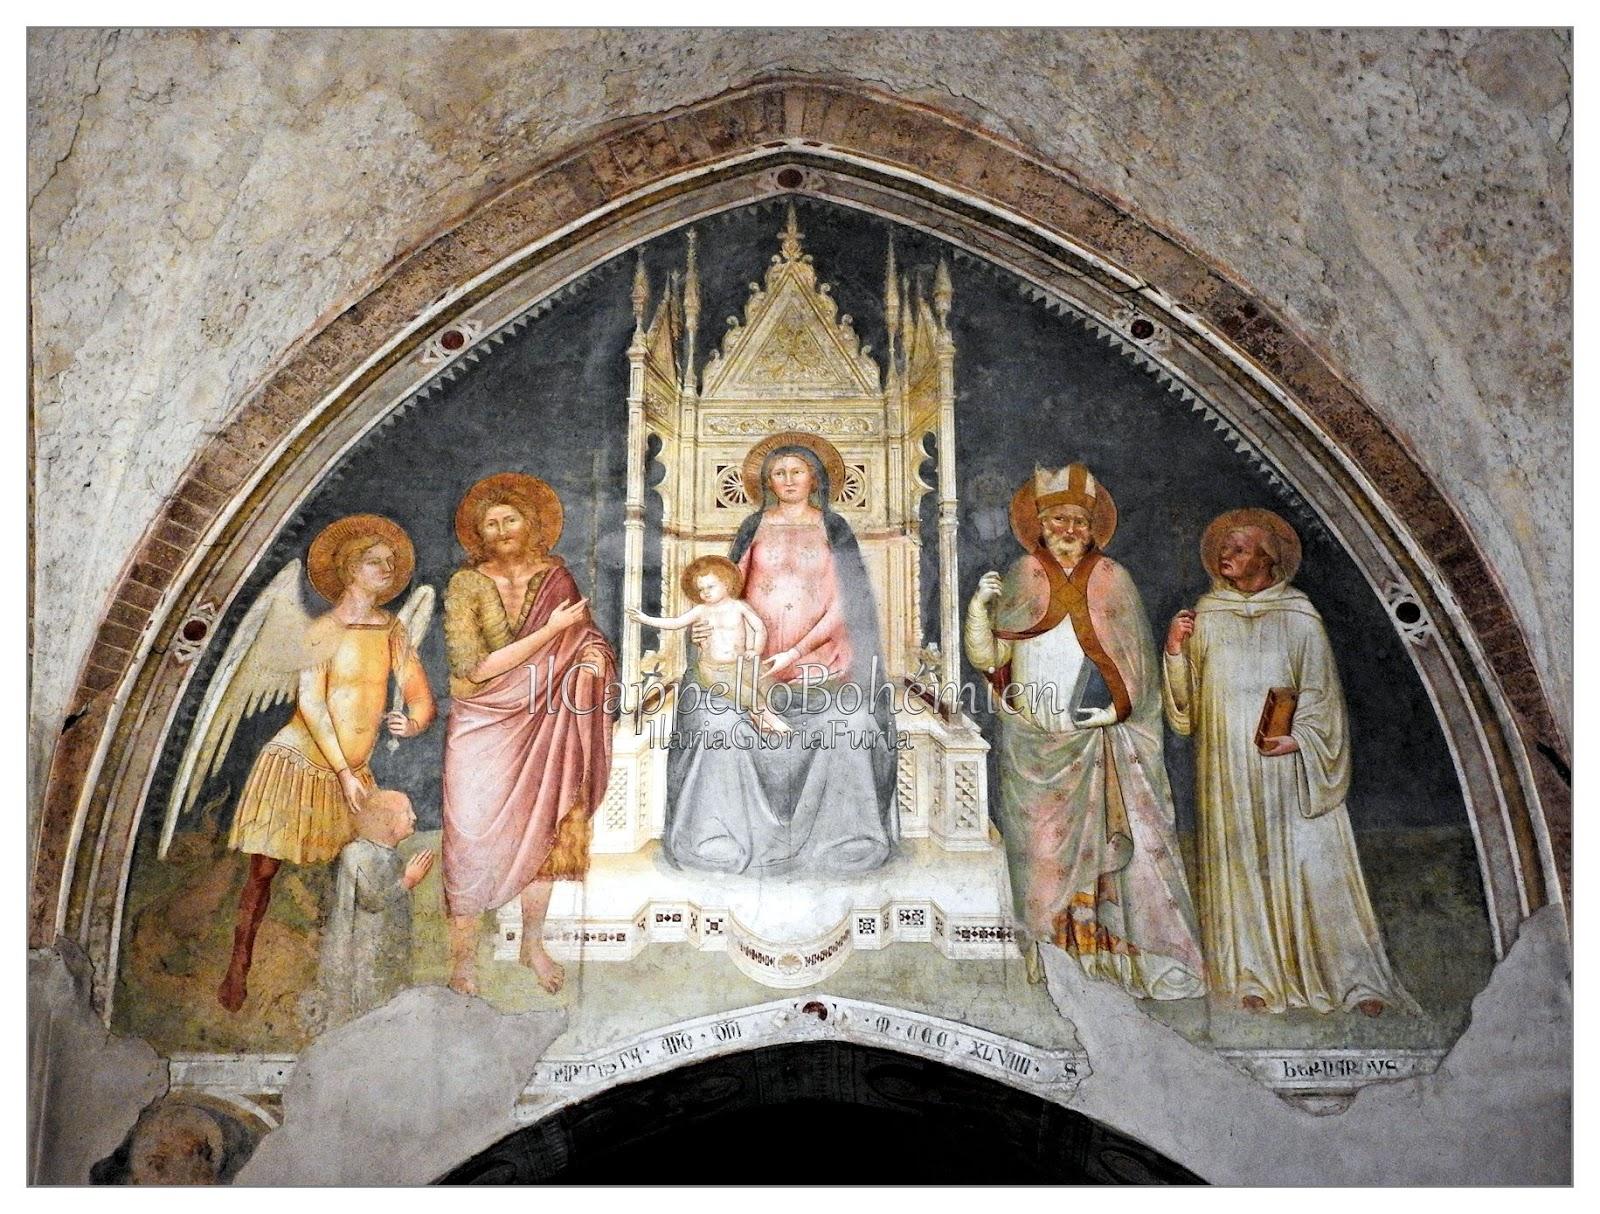 1349 Abbaye de Viboldona donatore abbe Villa photographie Ilaria Gloria Furia